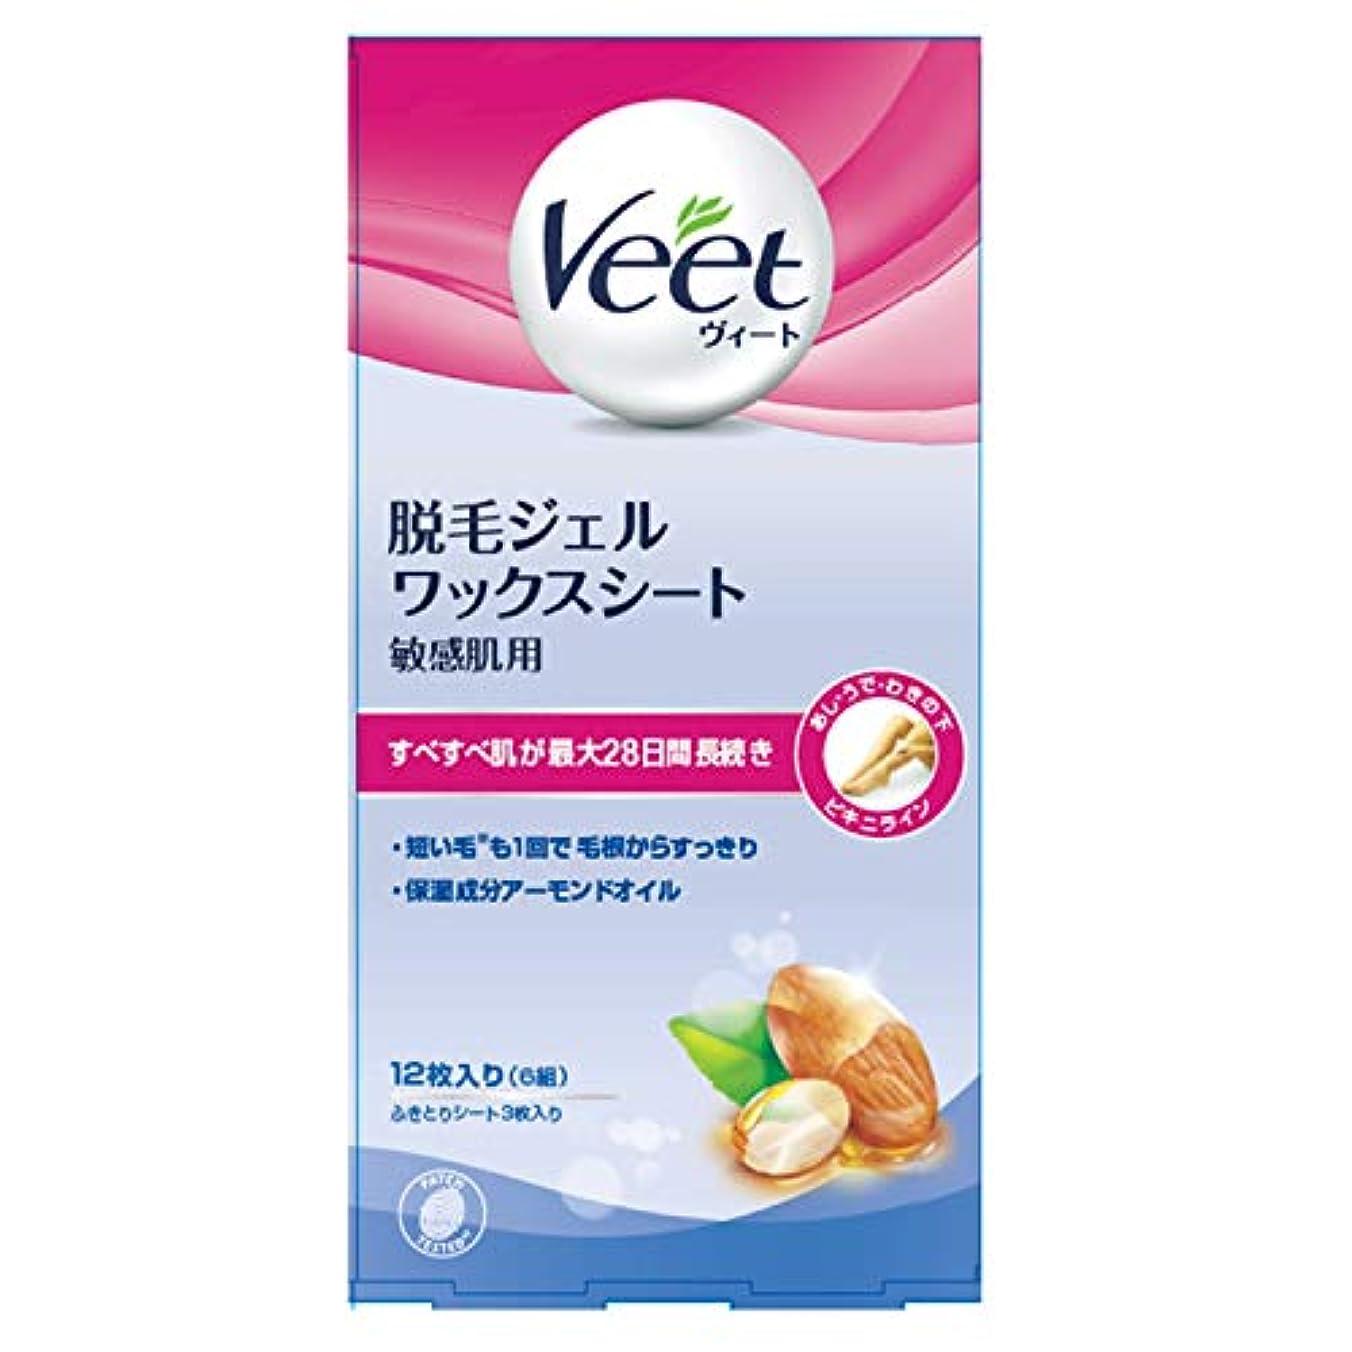 ヴィート 脱毛ワックスシート 敏感肌用 (Veet Wax Strips Sensitive)